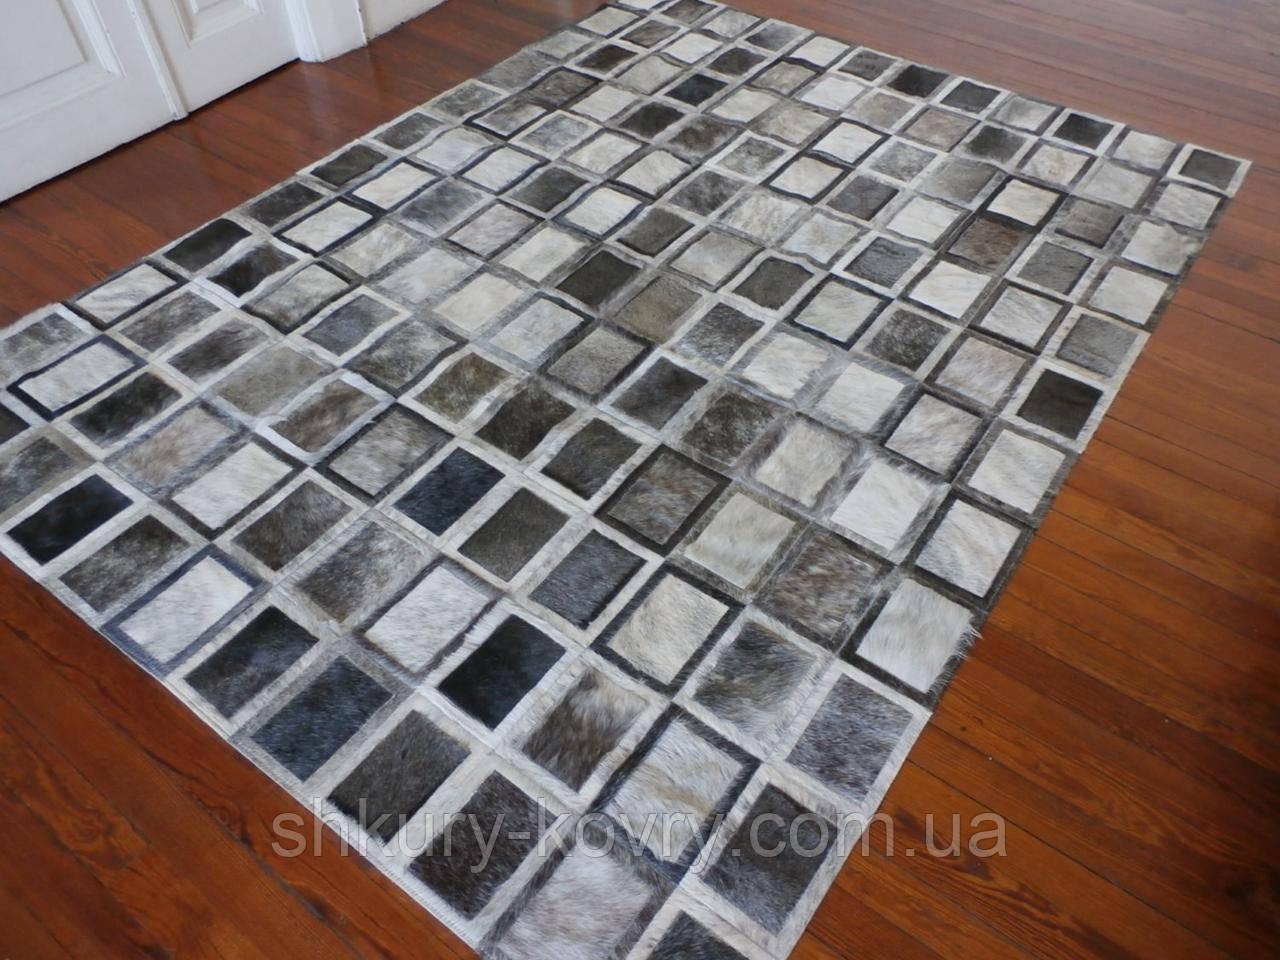 Сірий килим з шкури корови екзотичні квадрати